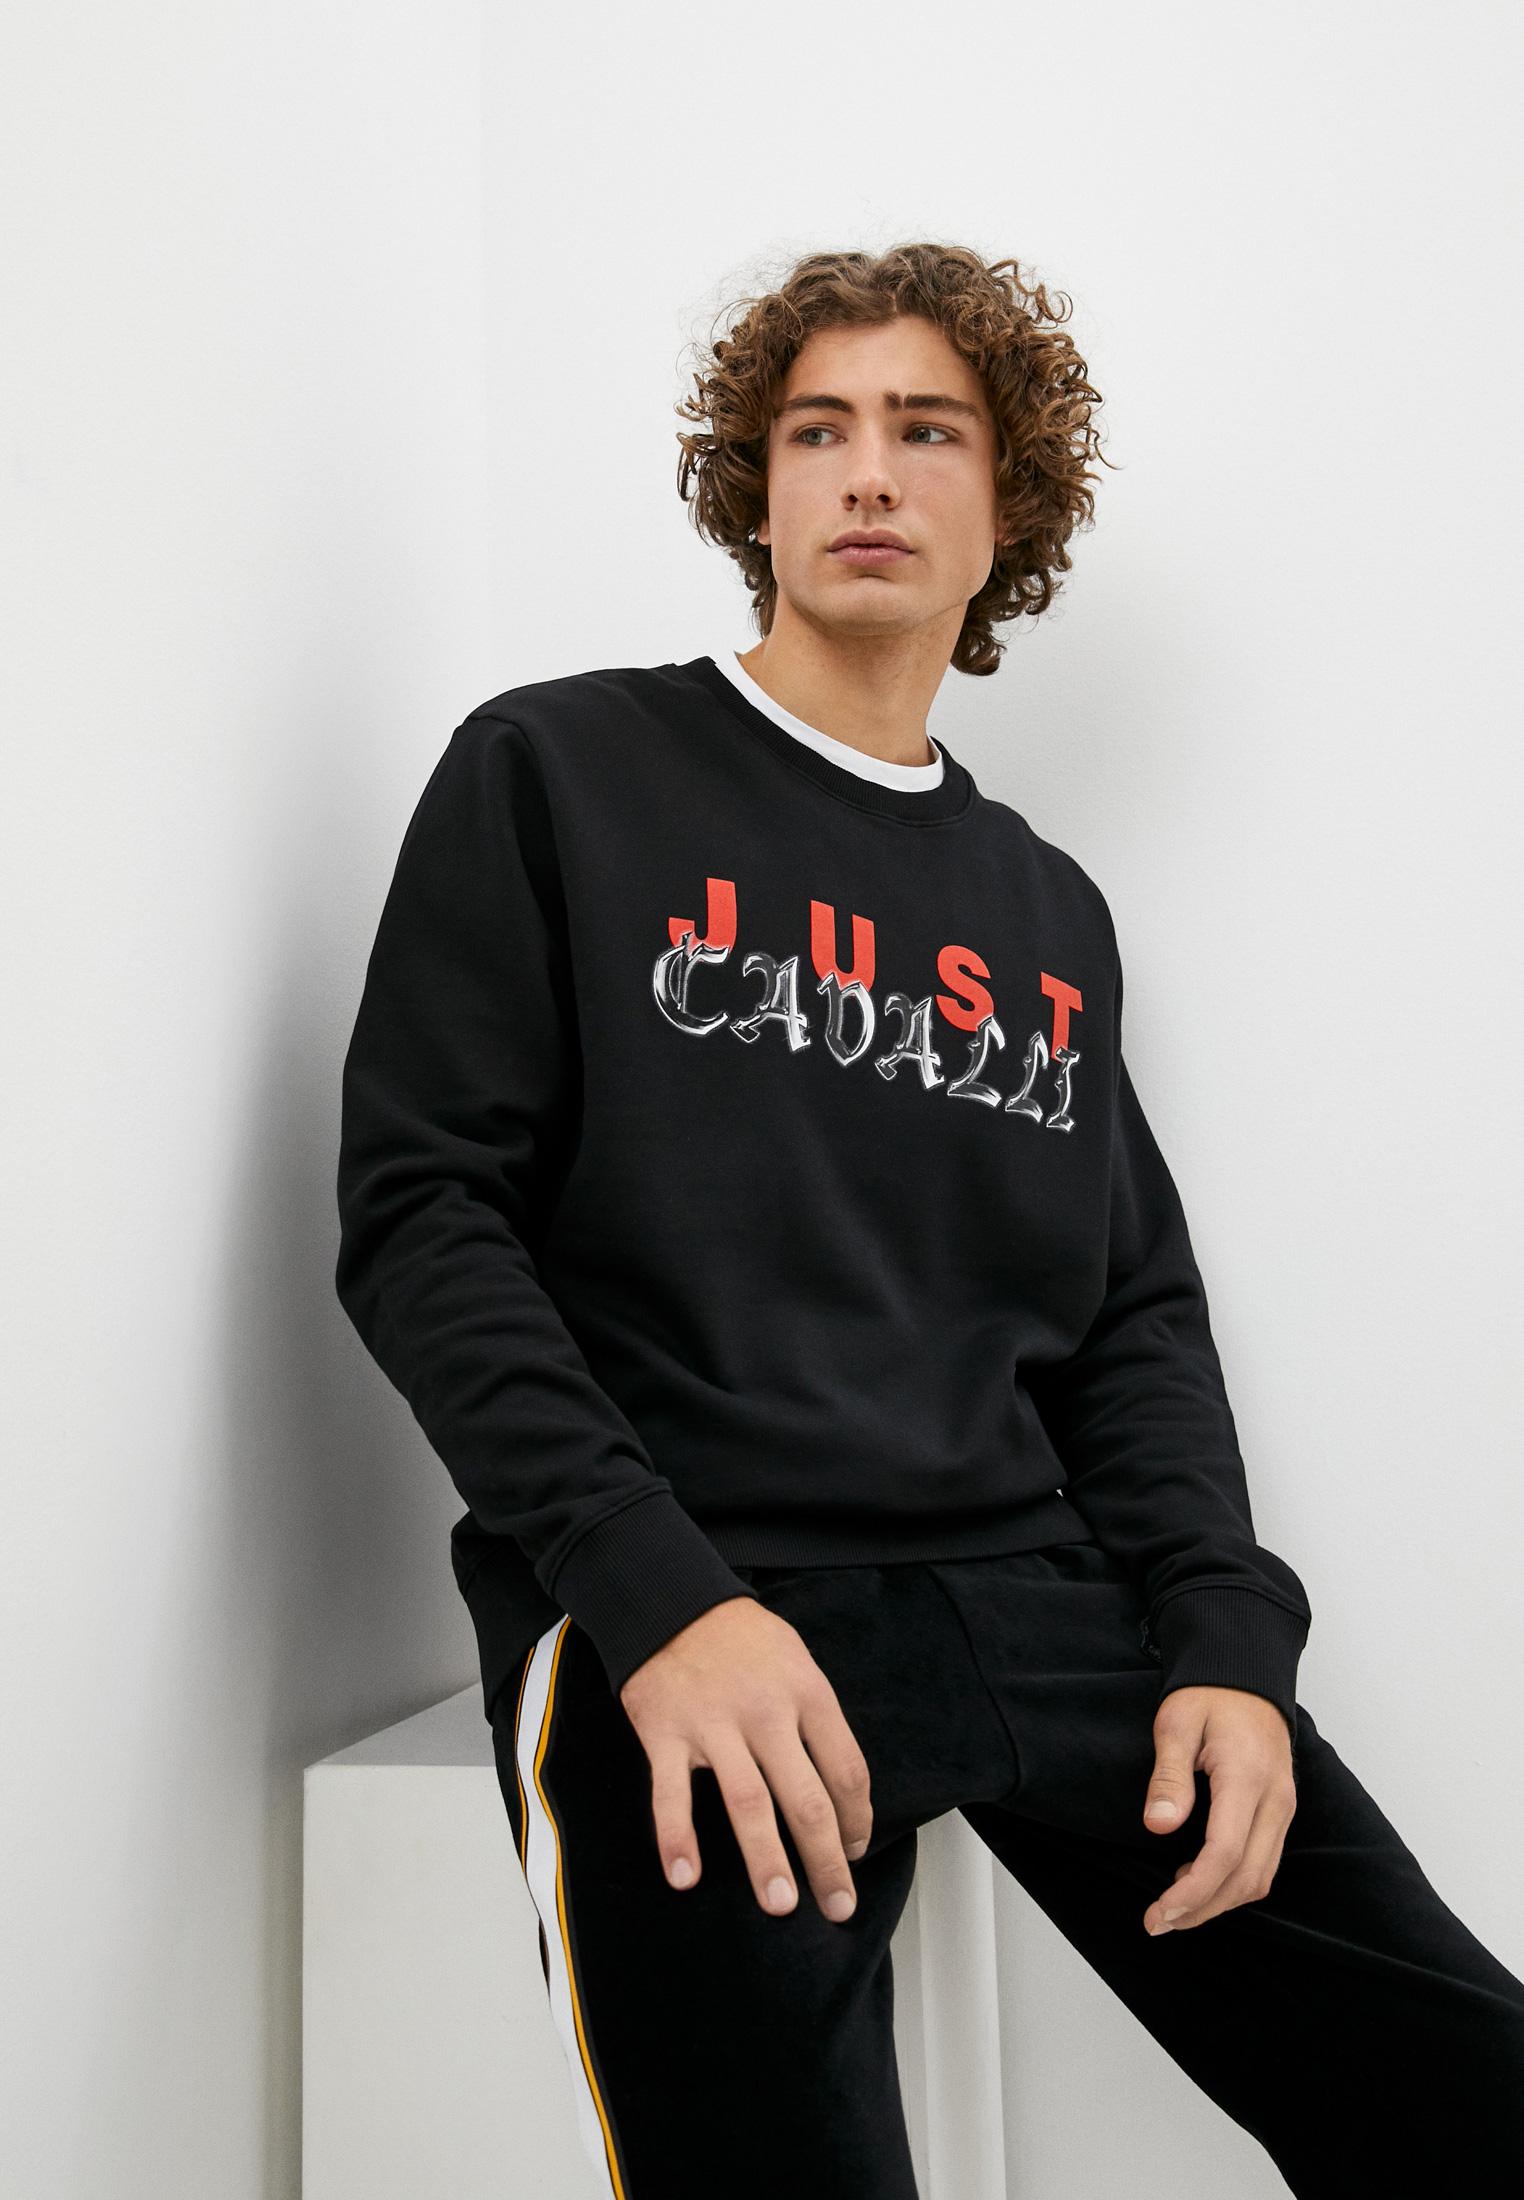 Свитер Just Cavalli (Джаст Кавалли) Свитшот Just Cavalli